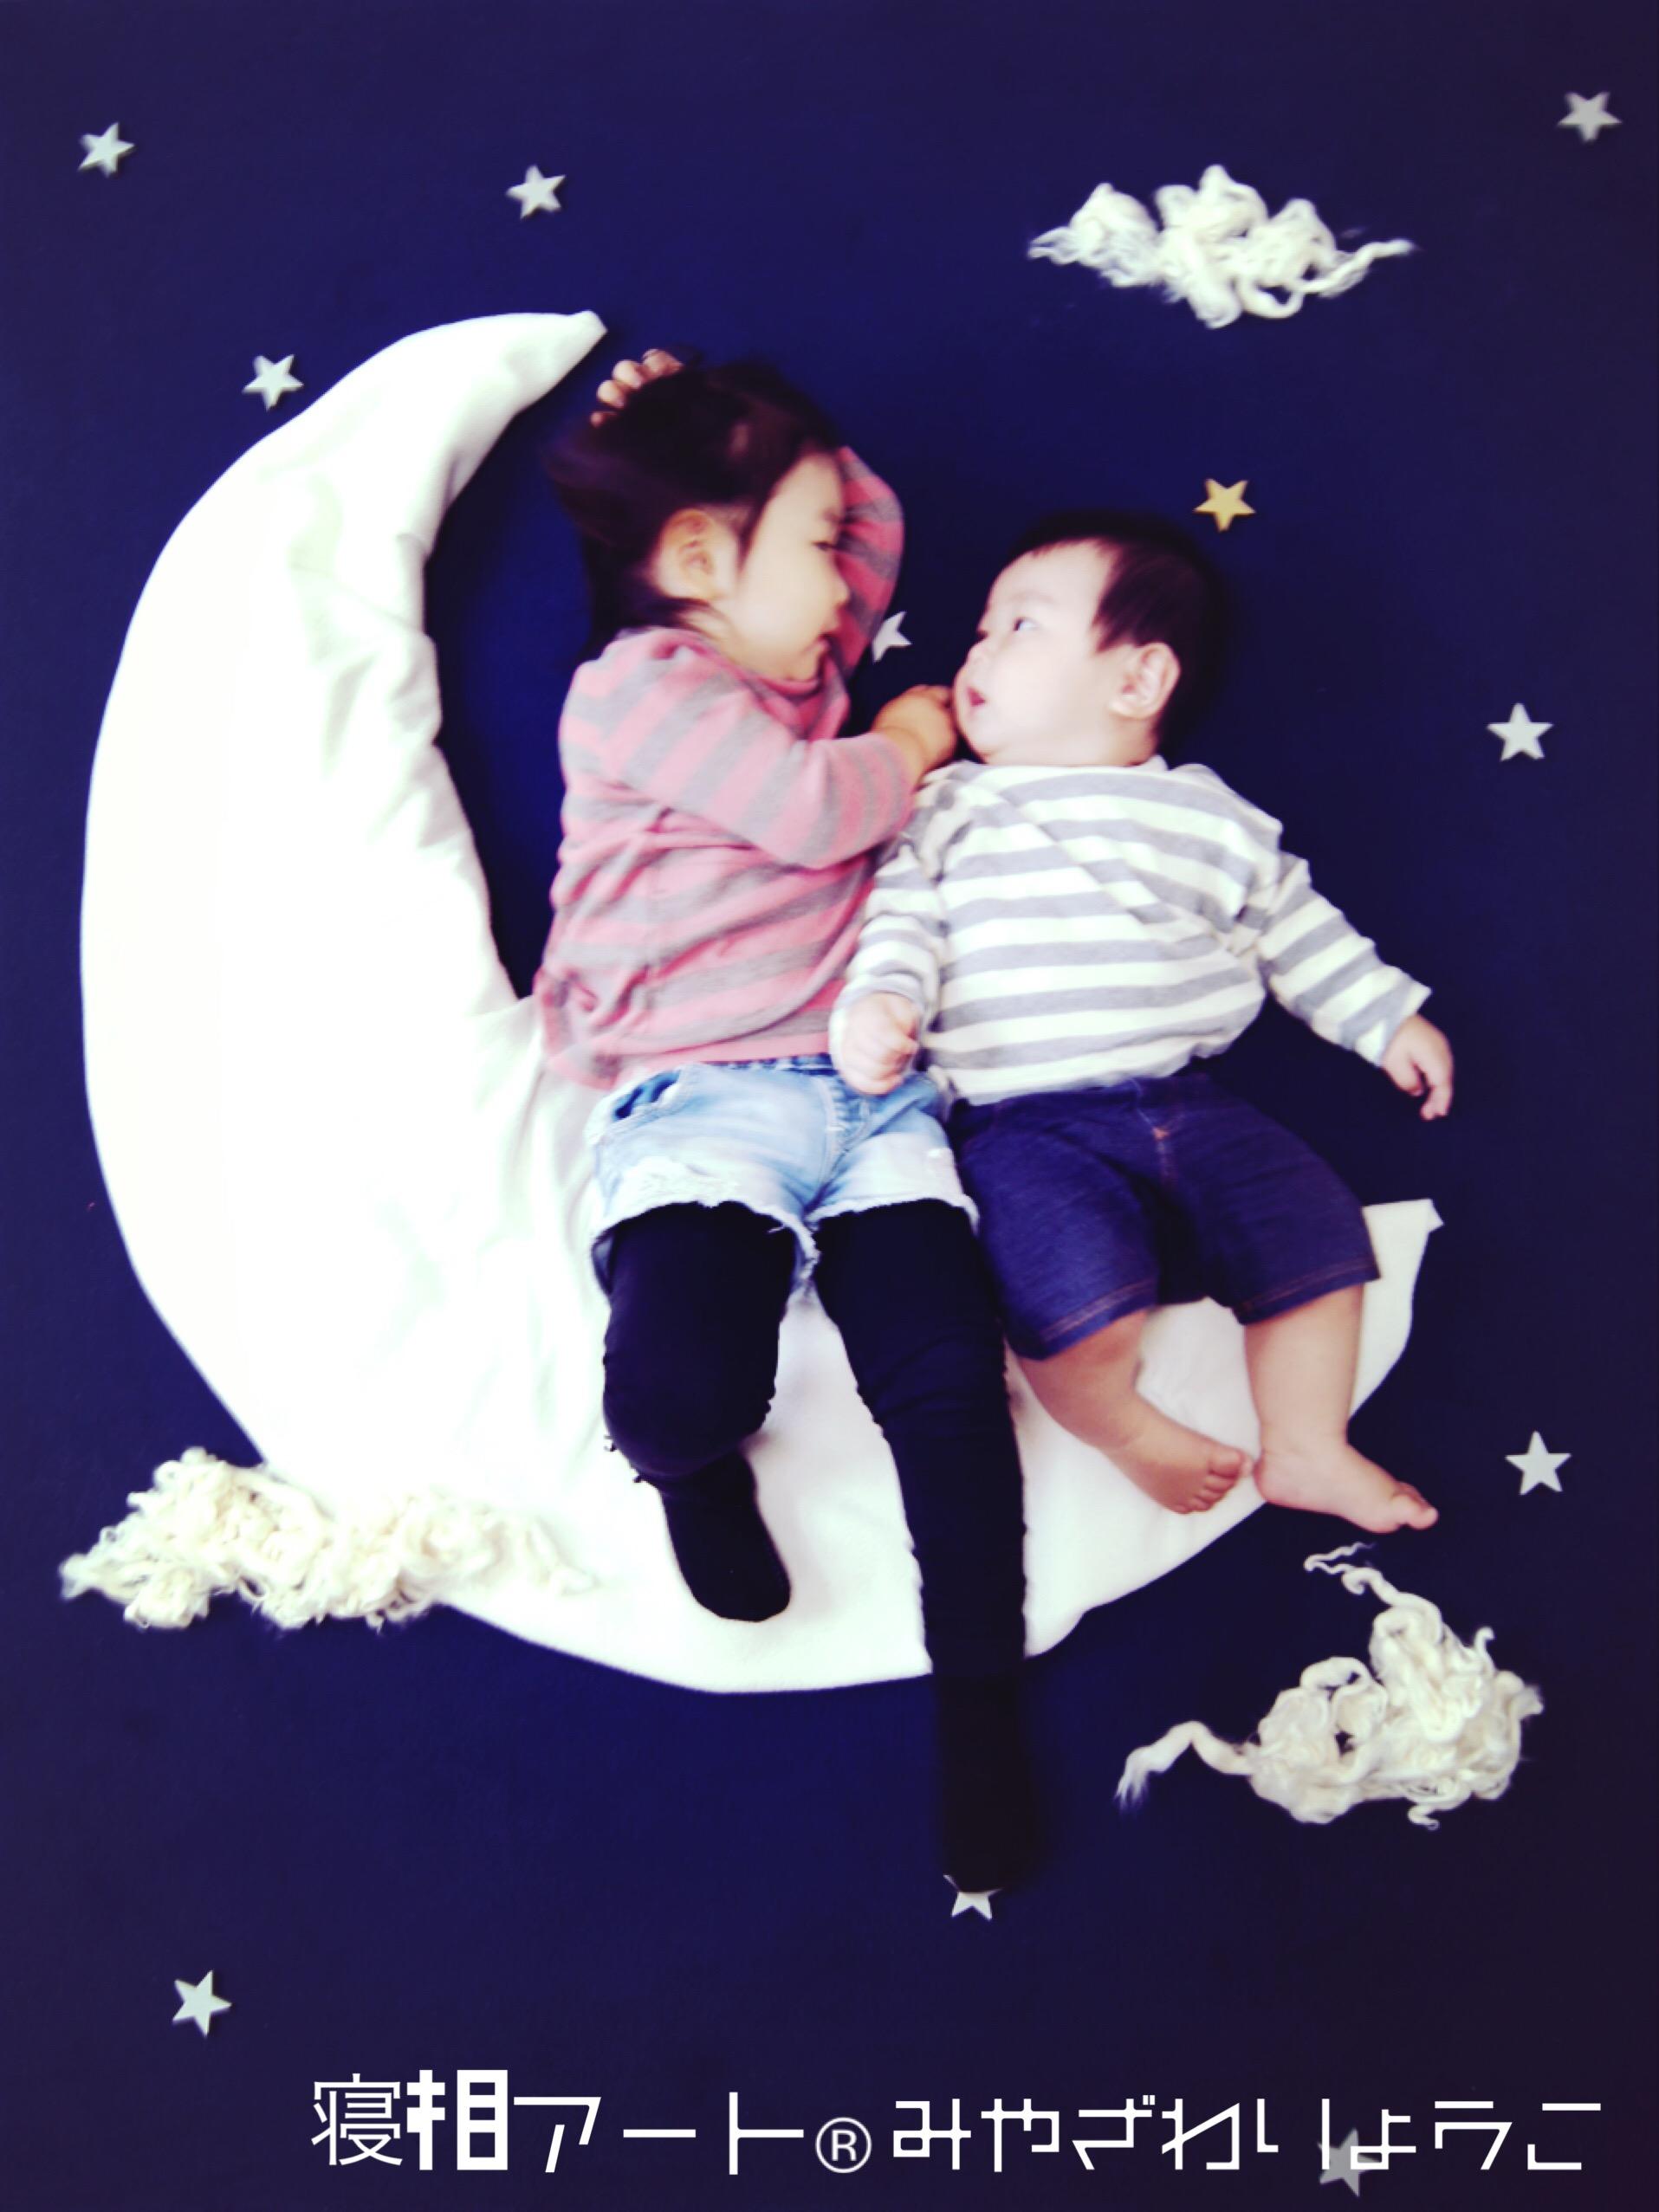 寝相アート,お月見,コンチネンタル,